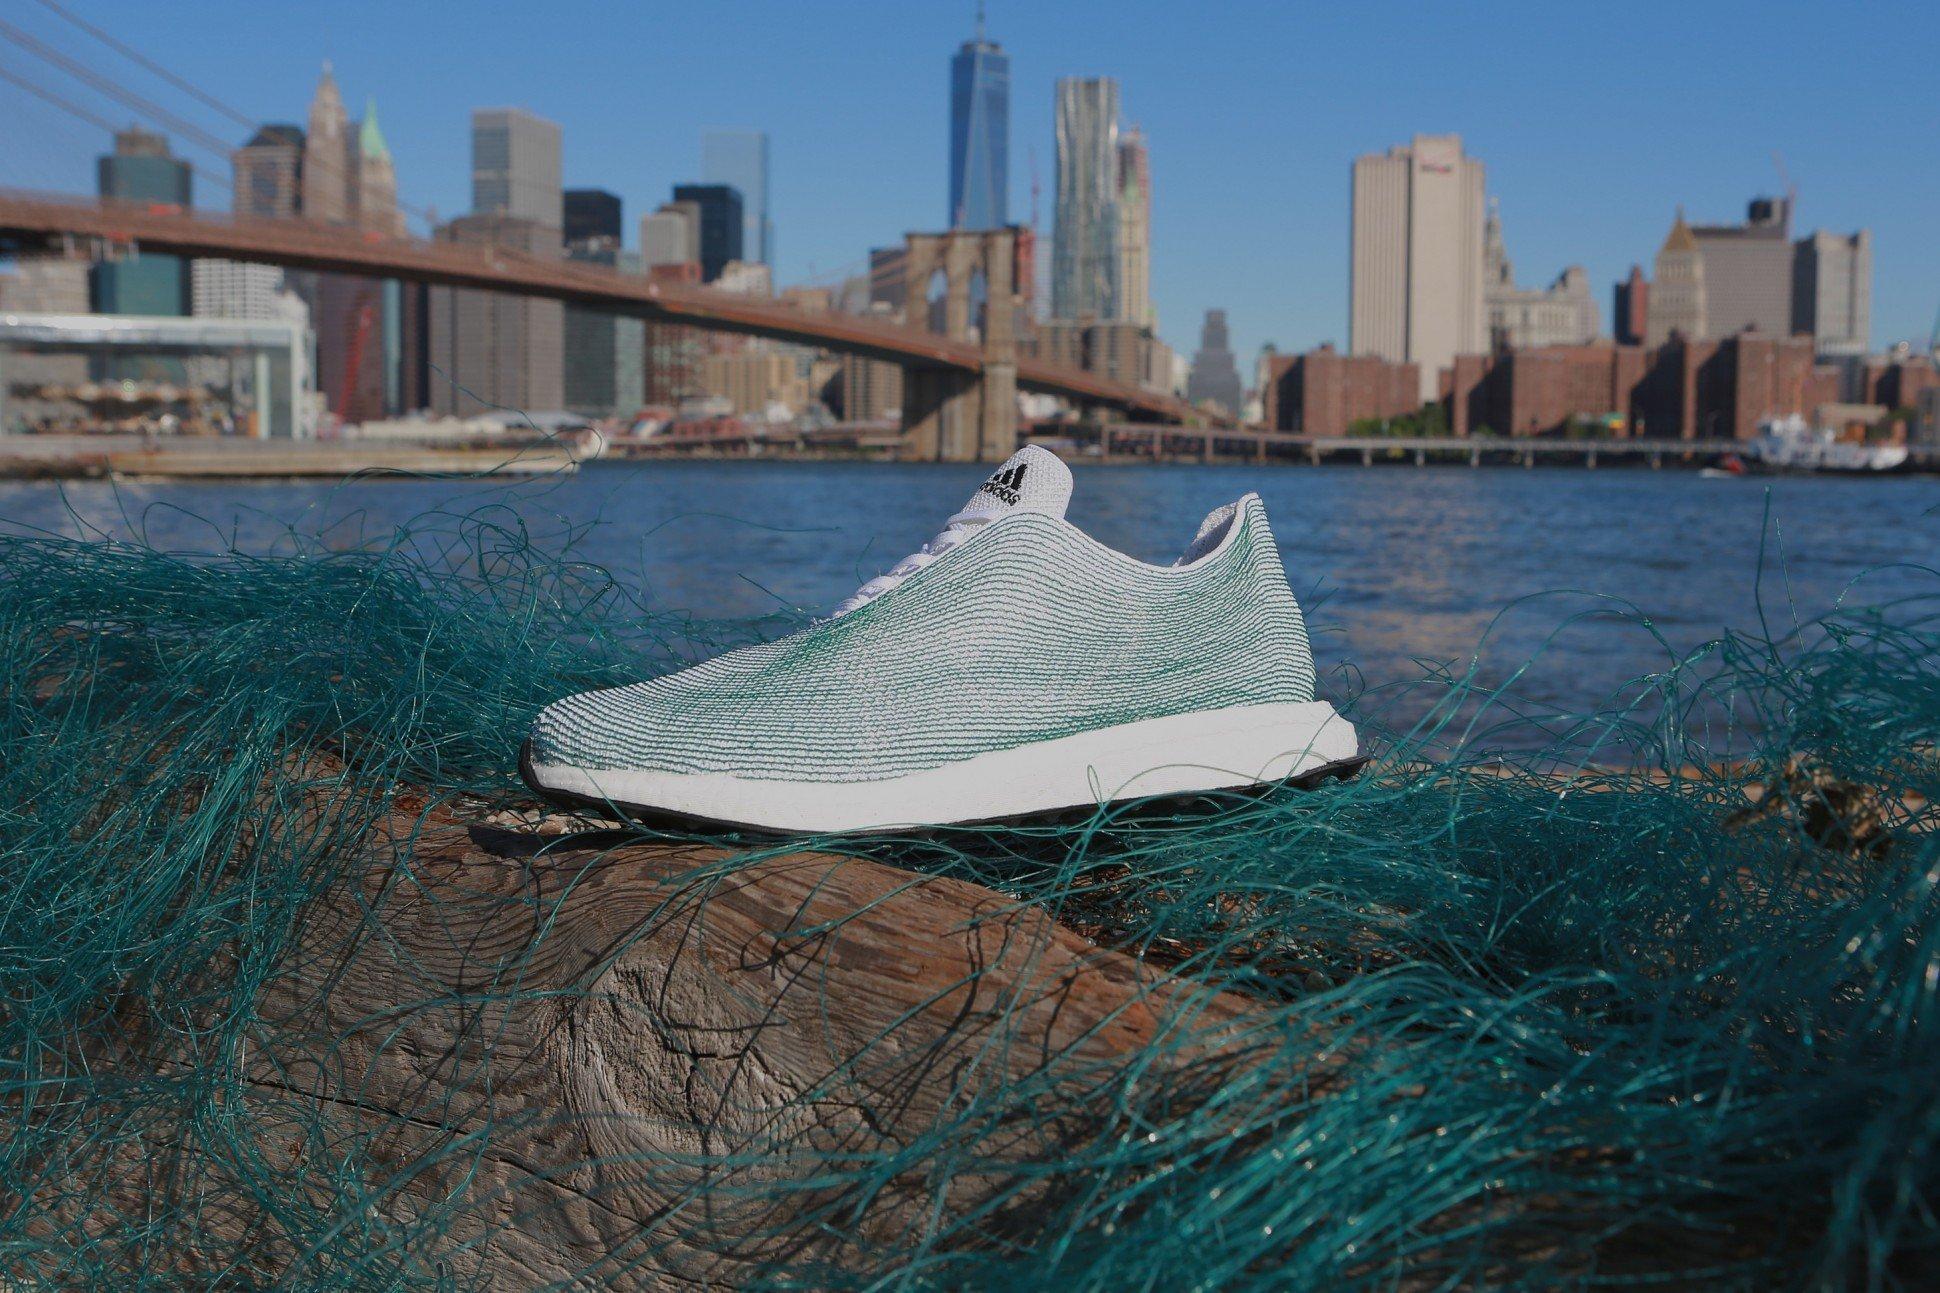 Adidas_nuovo_prodotto_in_difesa_degli_oceani